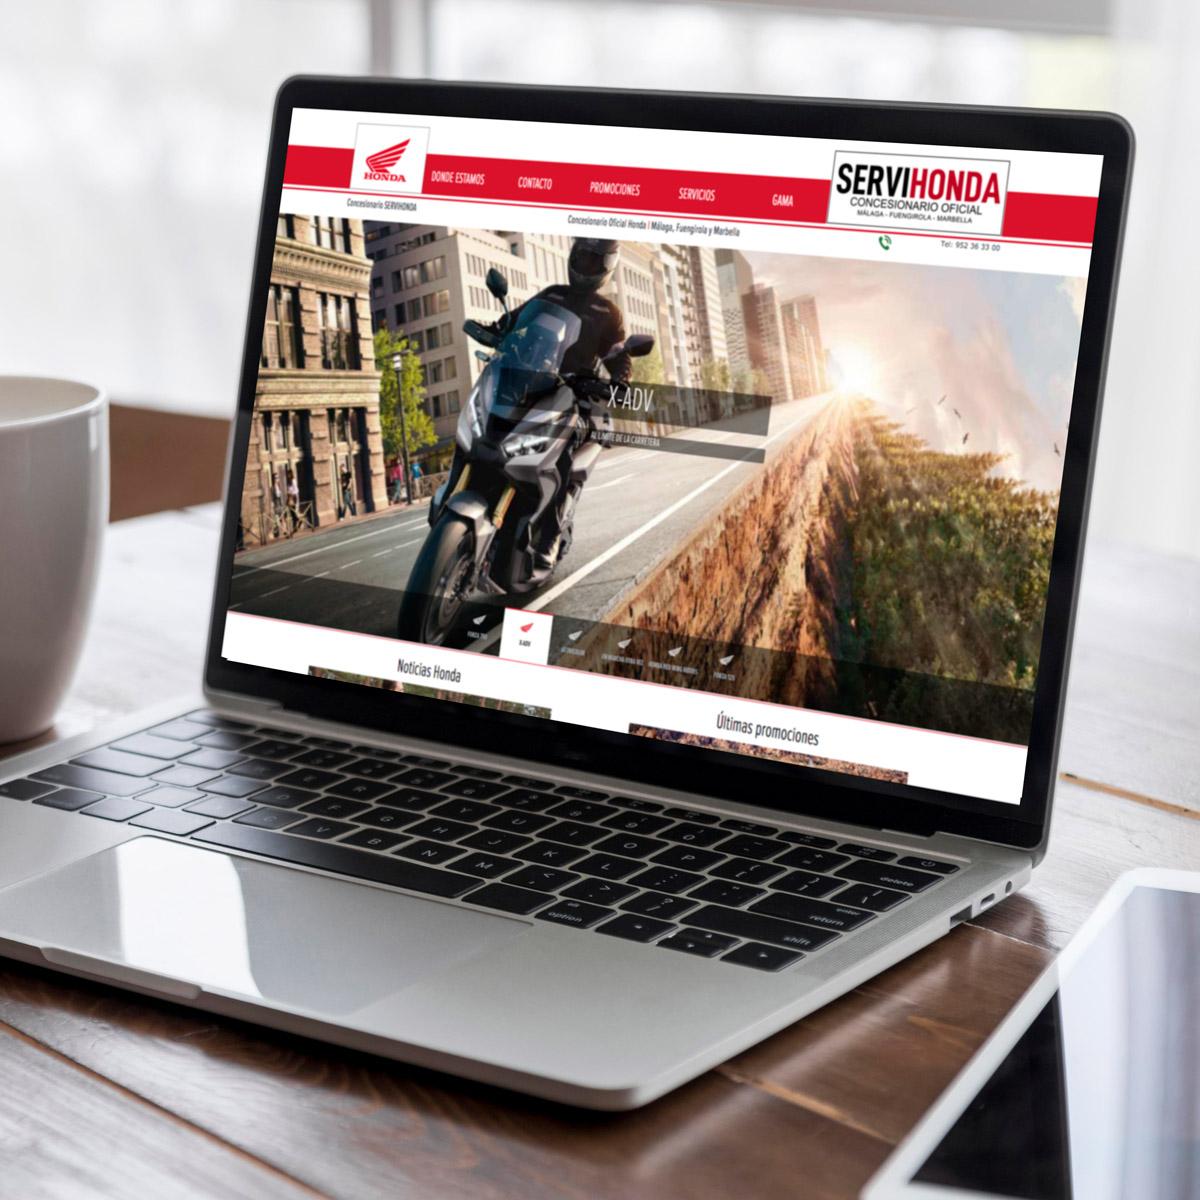 Web Servihonda Málaga Fans Marketing MÁLAGA